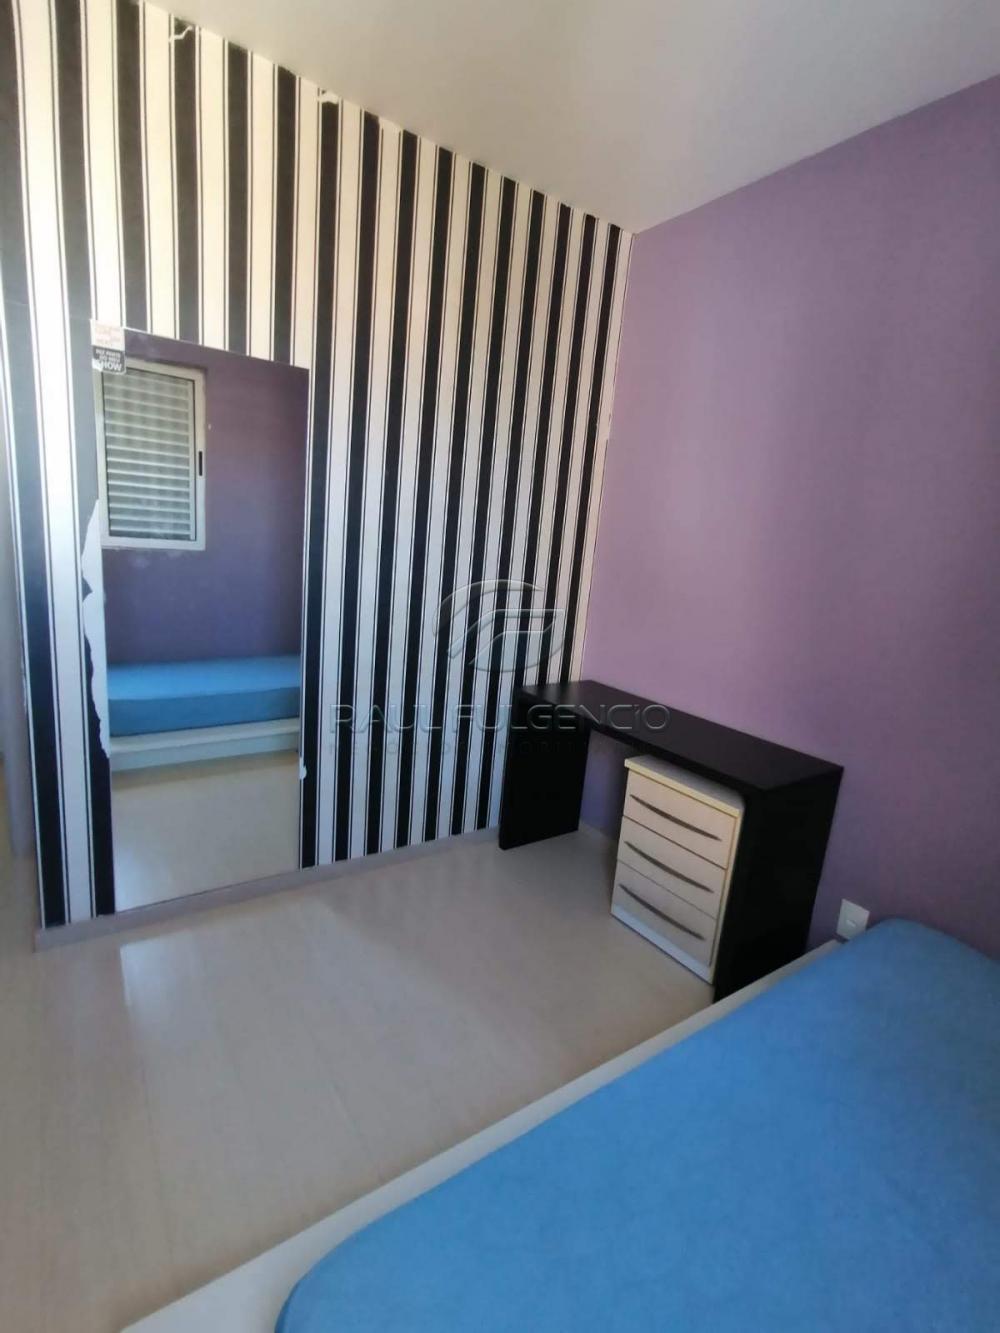 Comprar Apartamento / Padrão em Londrina apenas R$ 340.000,00 - Foto 24